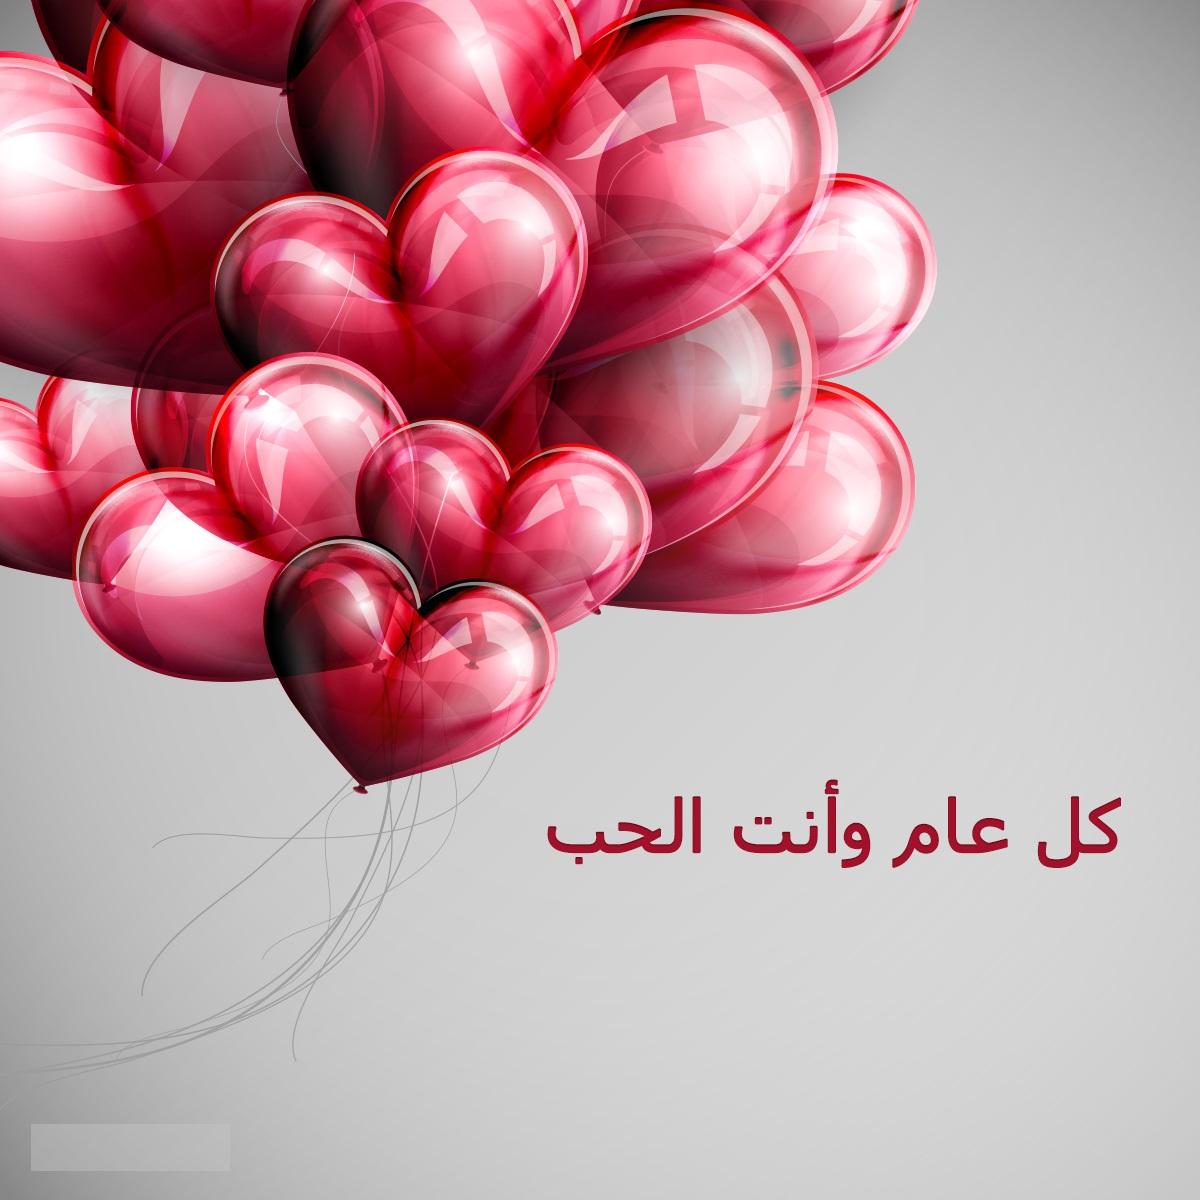 بالصور صور عيد ميلاد حبيبي , اجمل صور عيد ميلاد الحبيب 3244 7